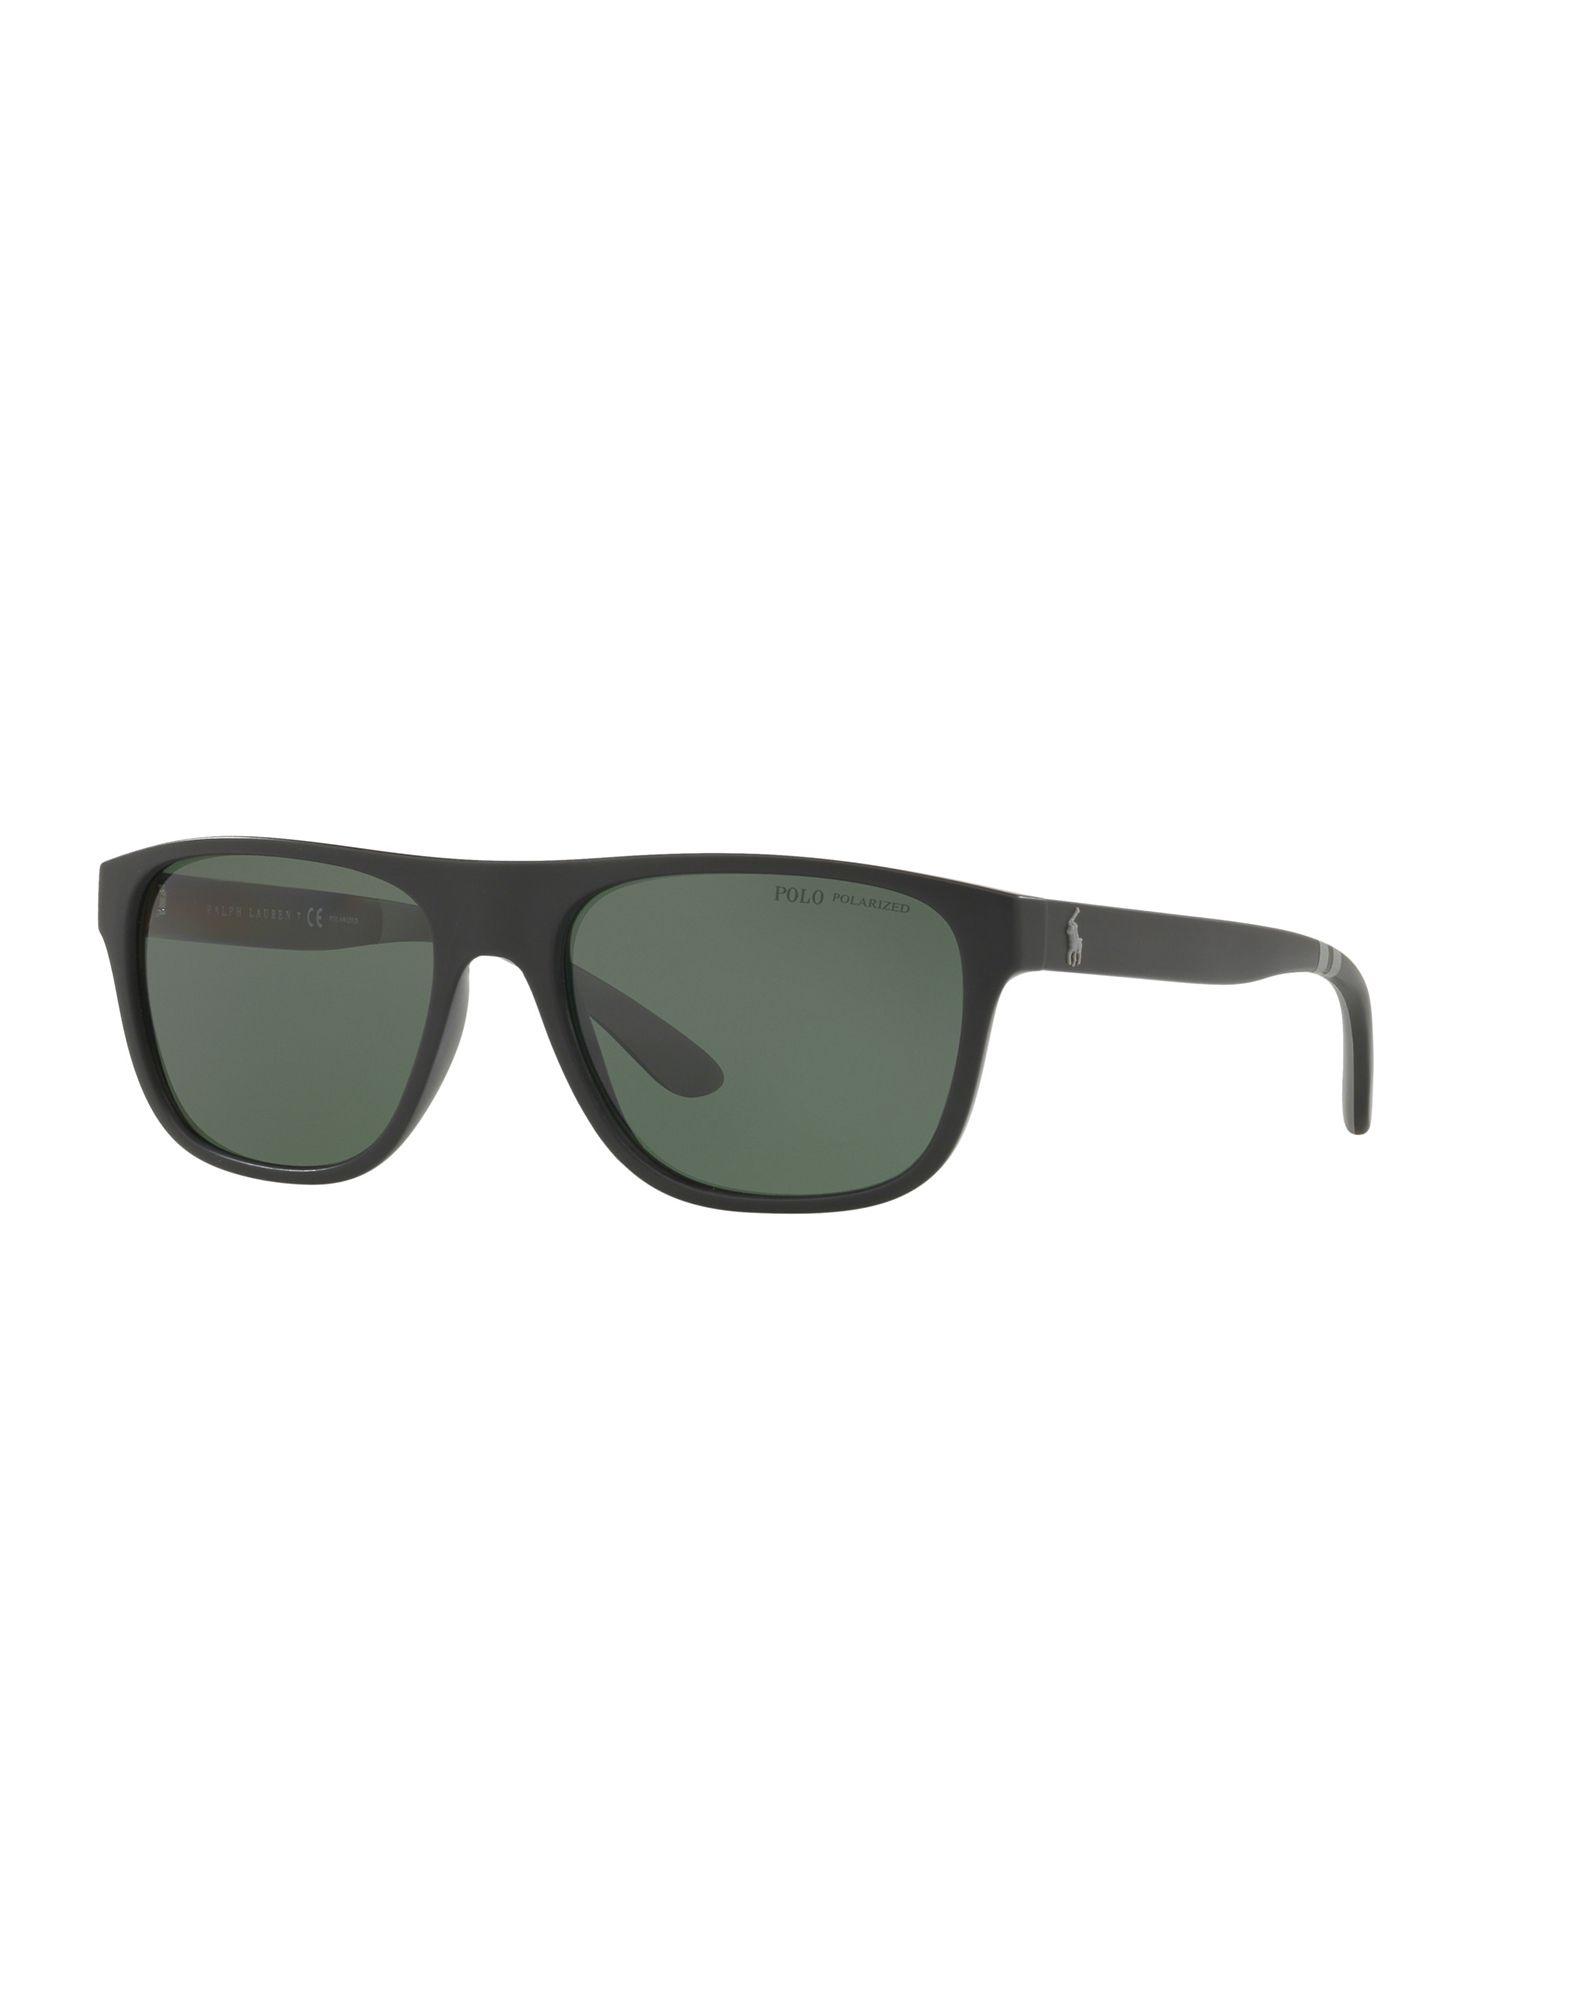 Occhiali Da Sole Polo Ralph Lauren Ph4131 - Uomo - Acquista online su